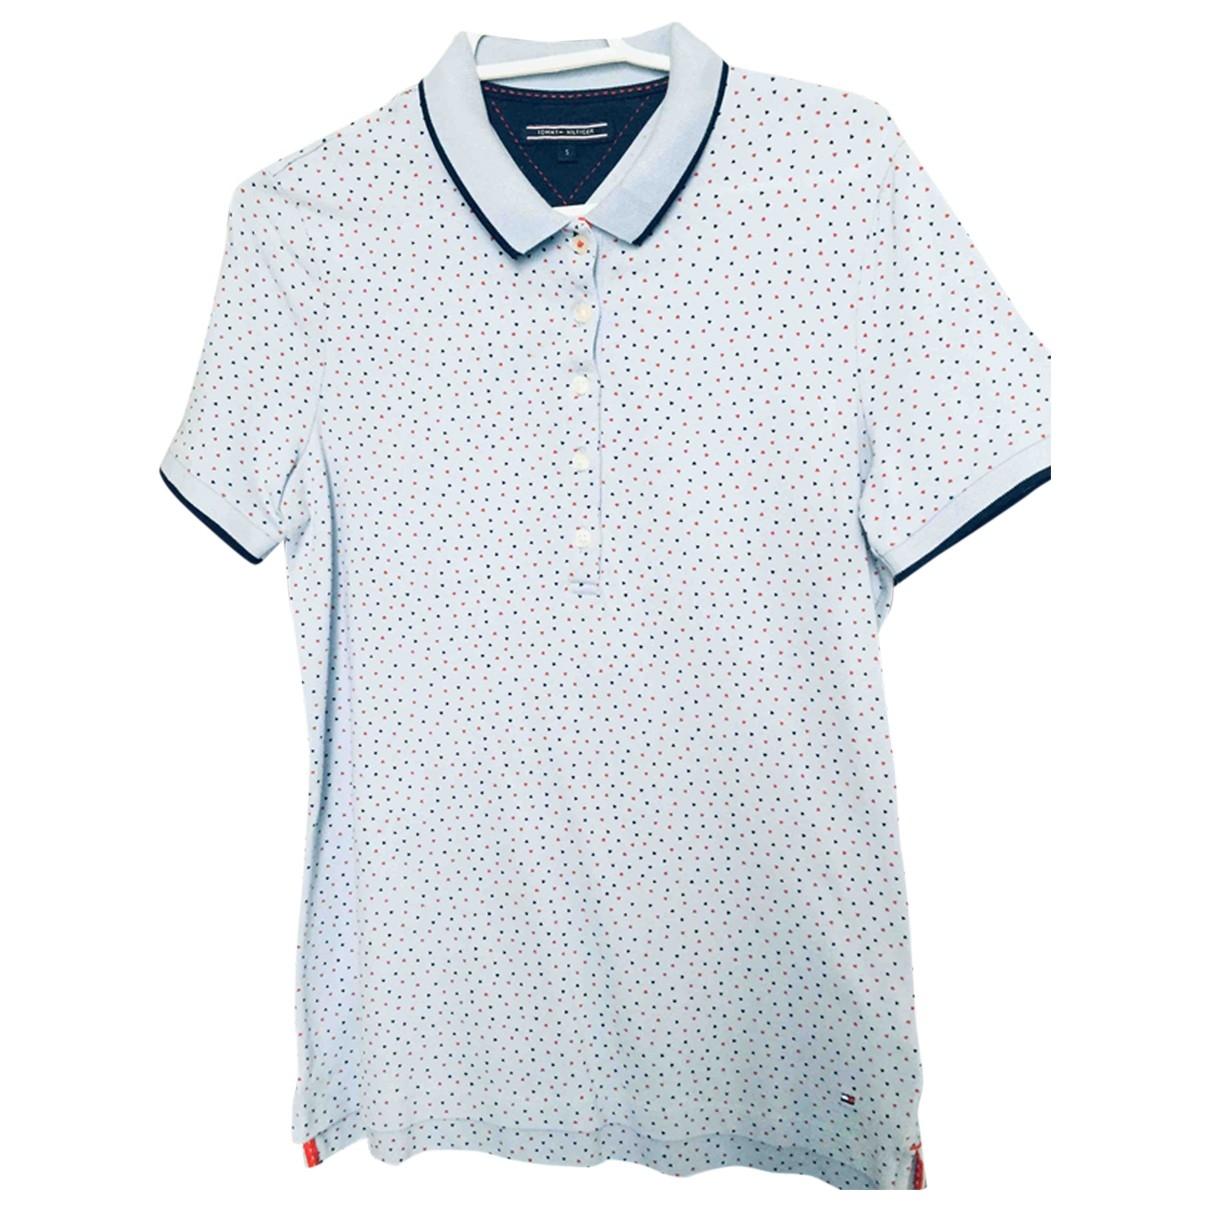 Tommy Hilfiger - Top   pour femme en coton - bleu